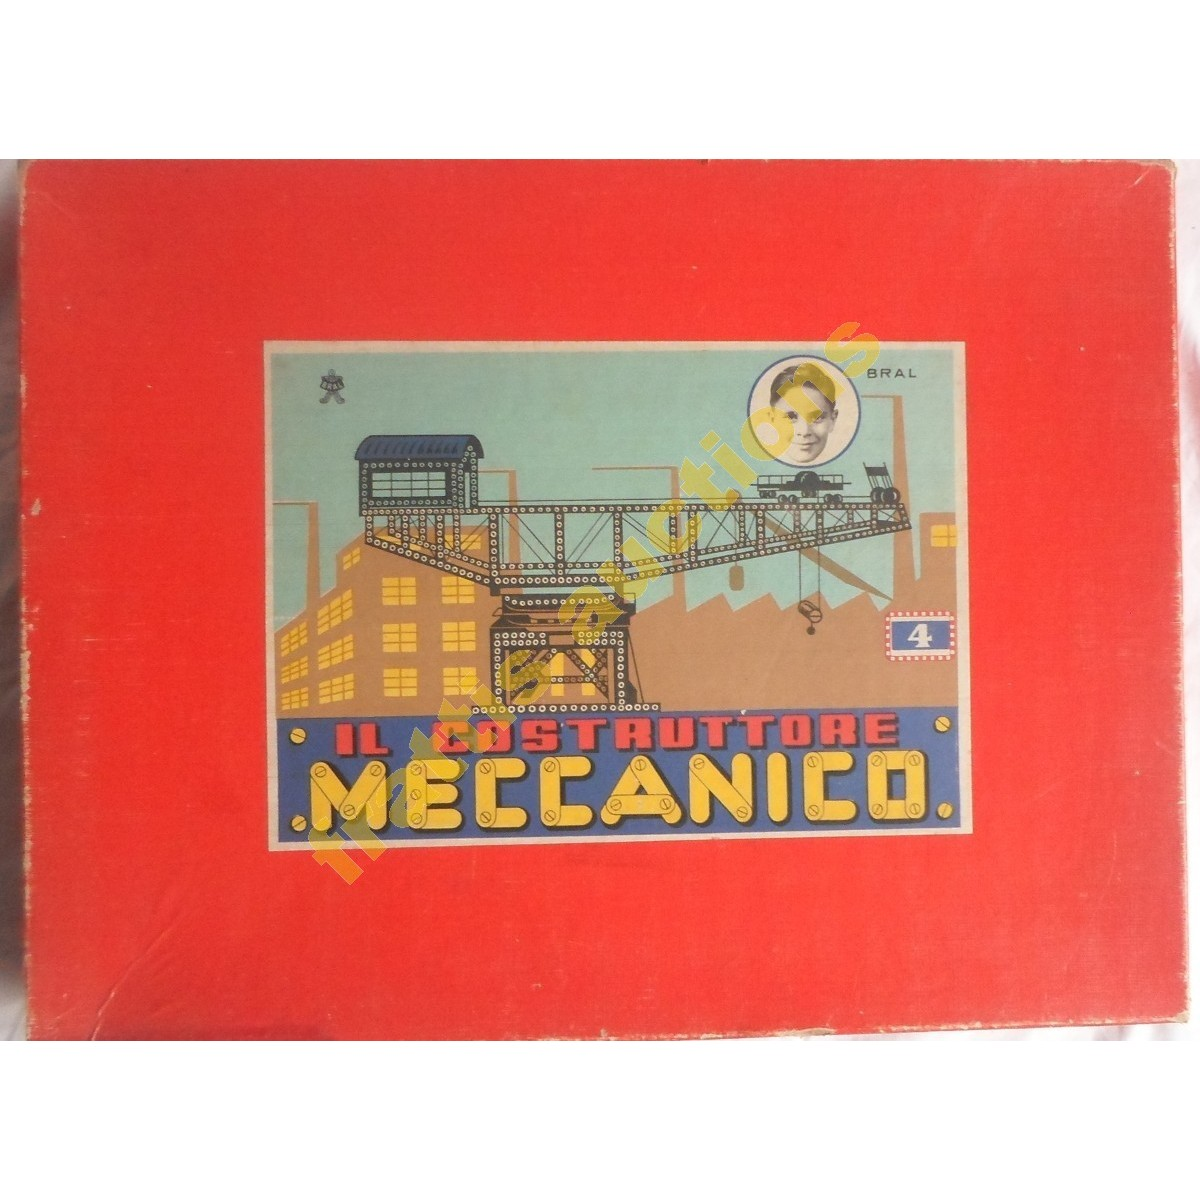 BRAL il CONSTRUTTORE MECCANICO 4